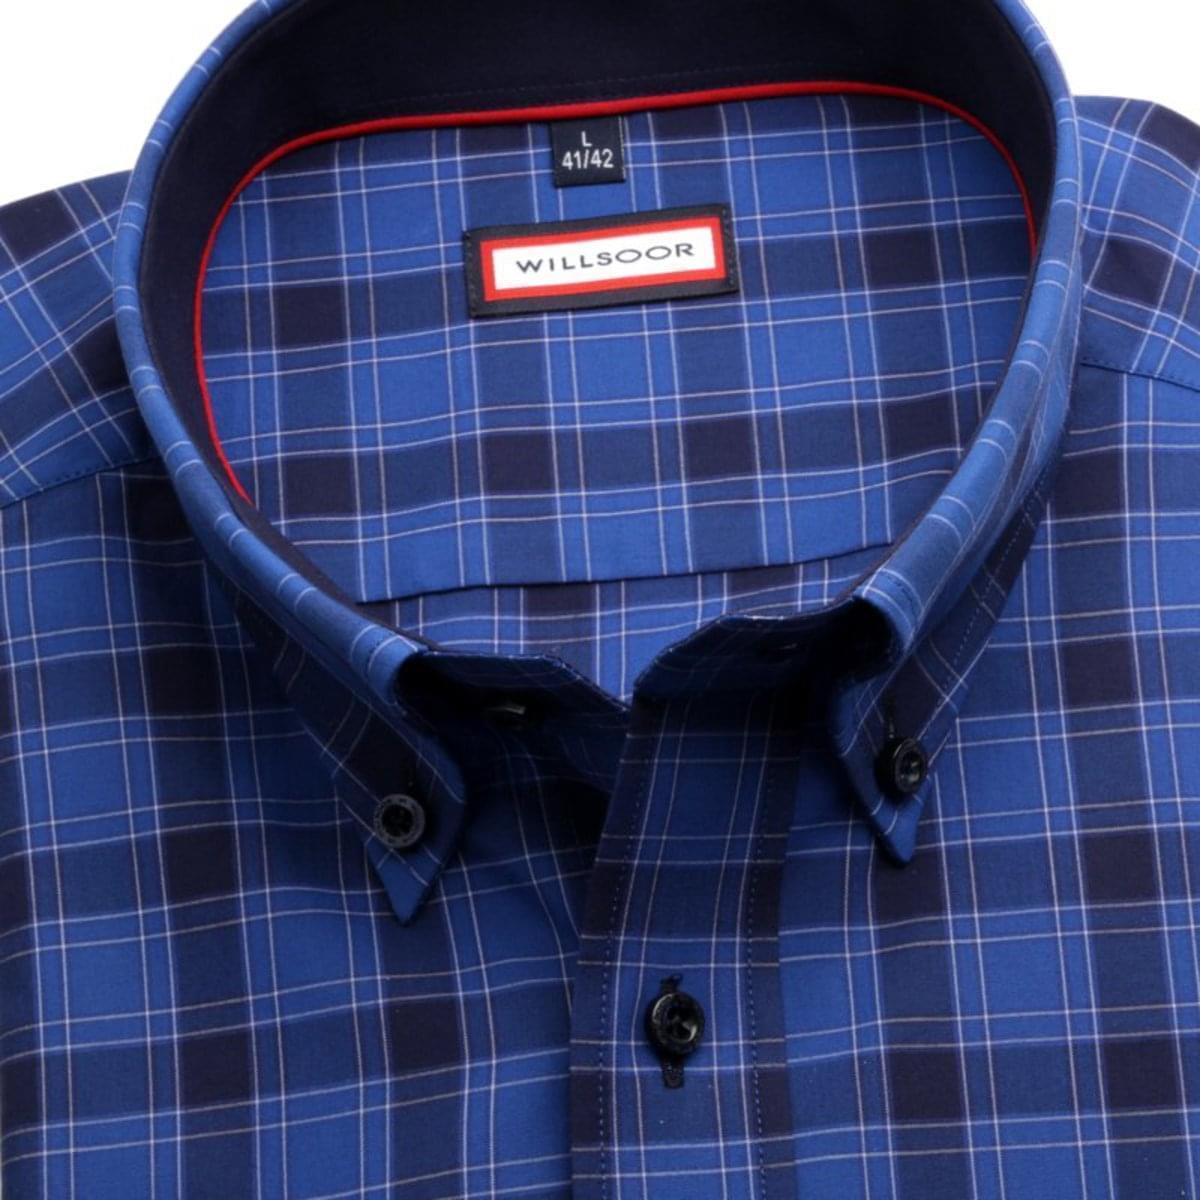 Pánská slim fit košile (výška 176-182) 7599 v modré barvě s úpravou easy care 176-182 / XL (43/44)